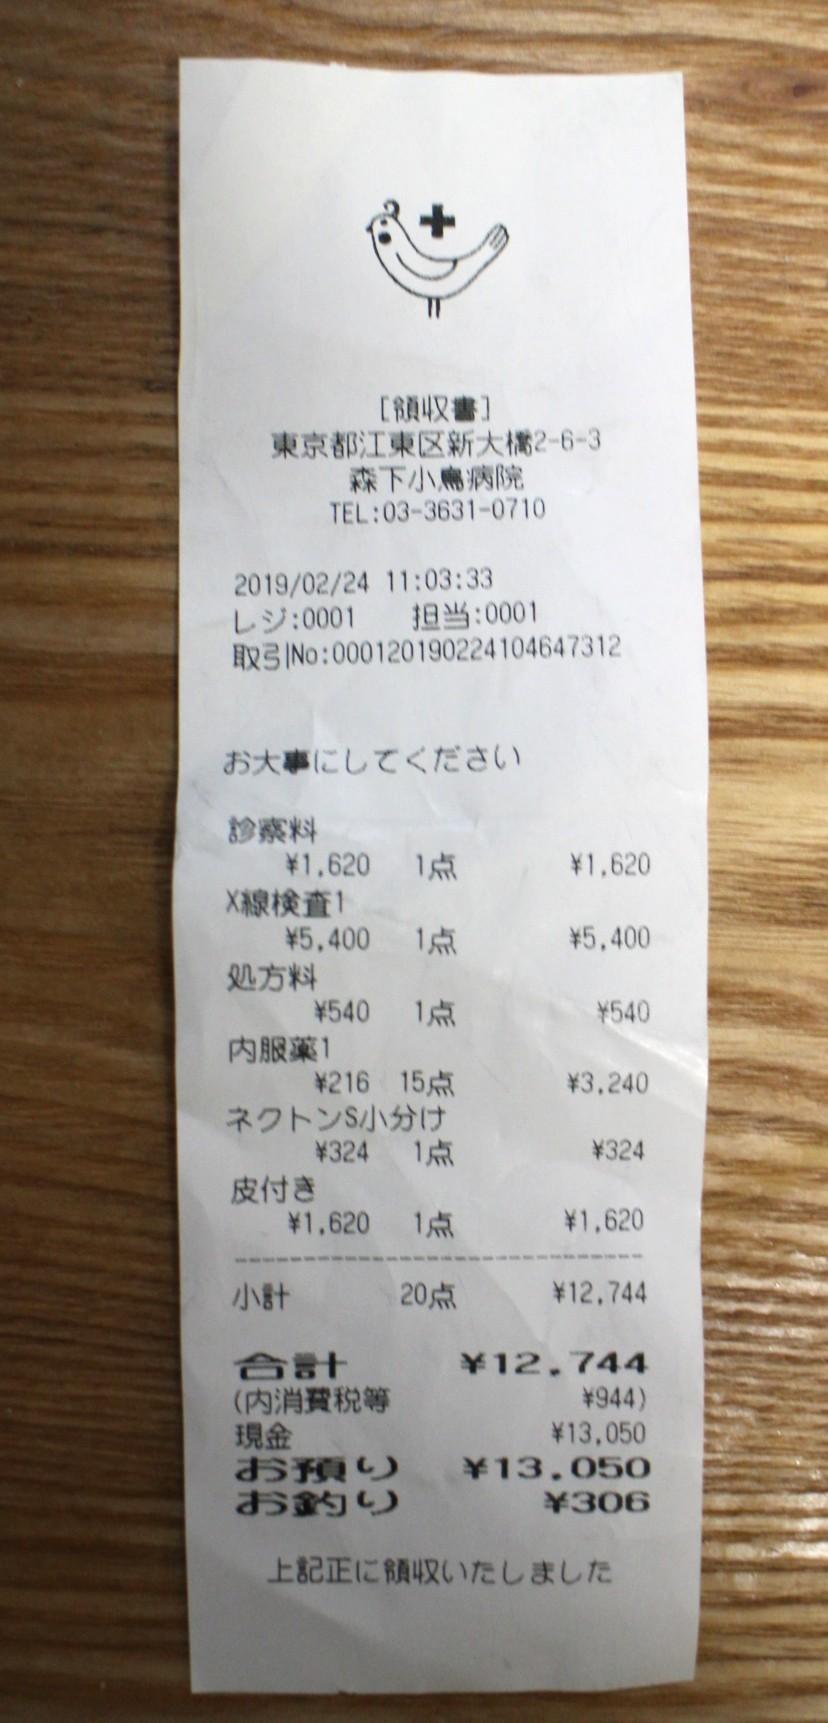 海老チャーハン弁当とむぎちゃん本気のダイエット_d0359935_07002833.jpg